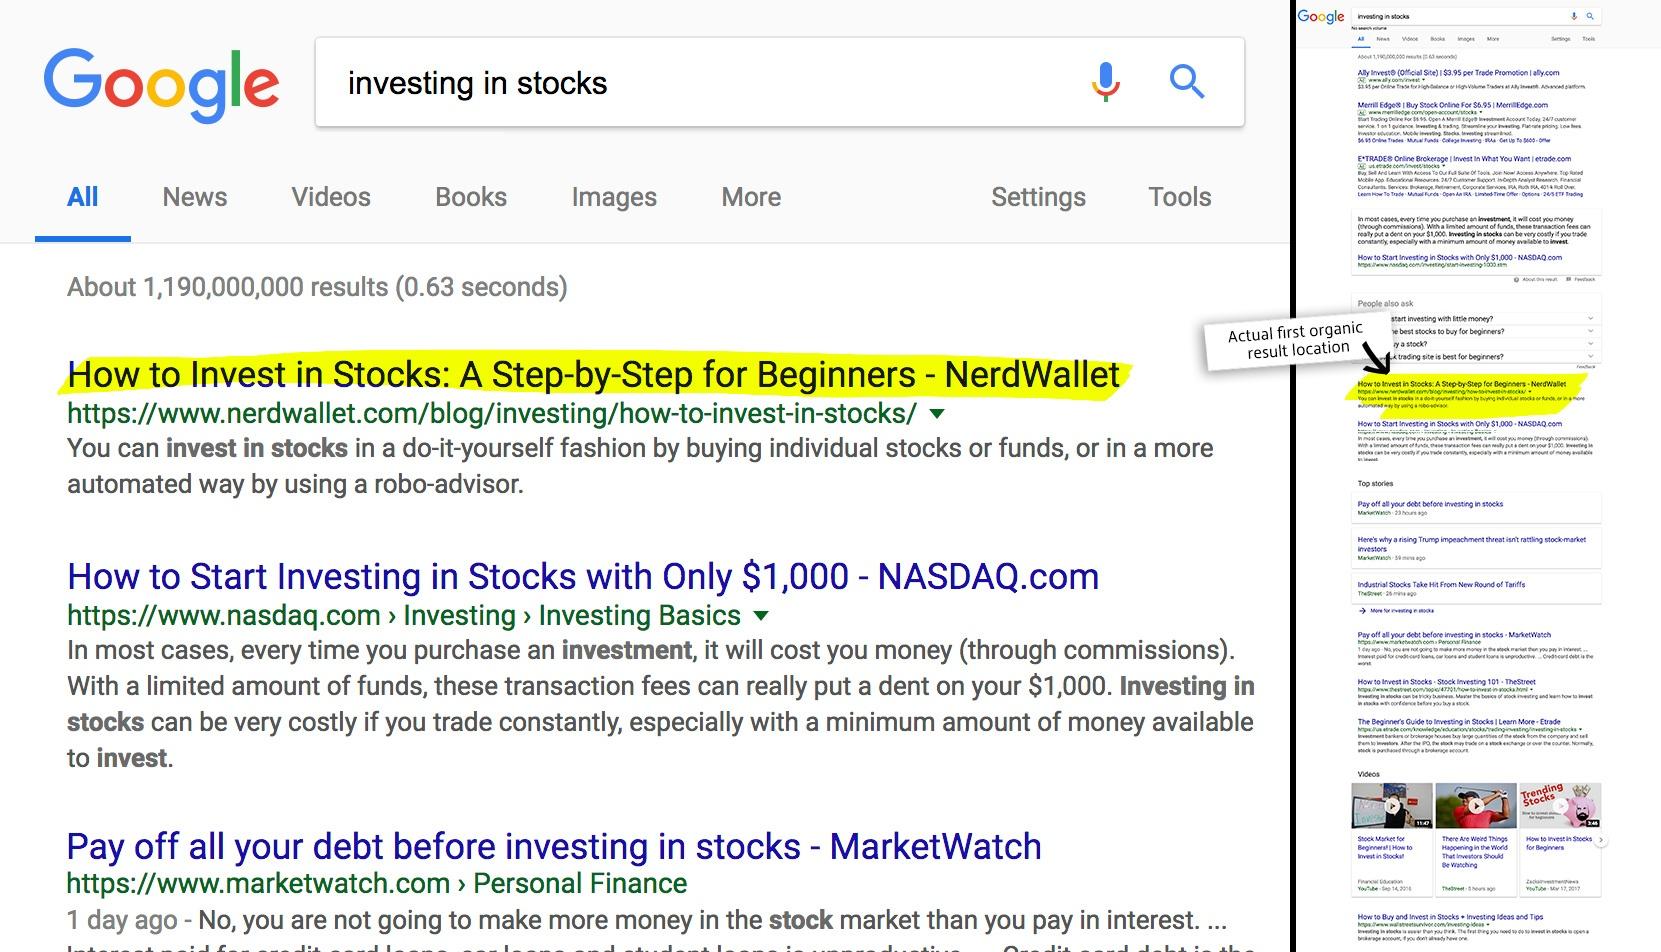 Investing-in-Stocks-Result